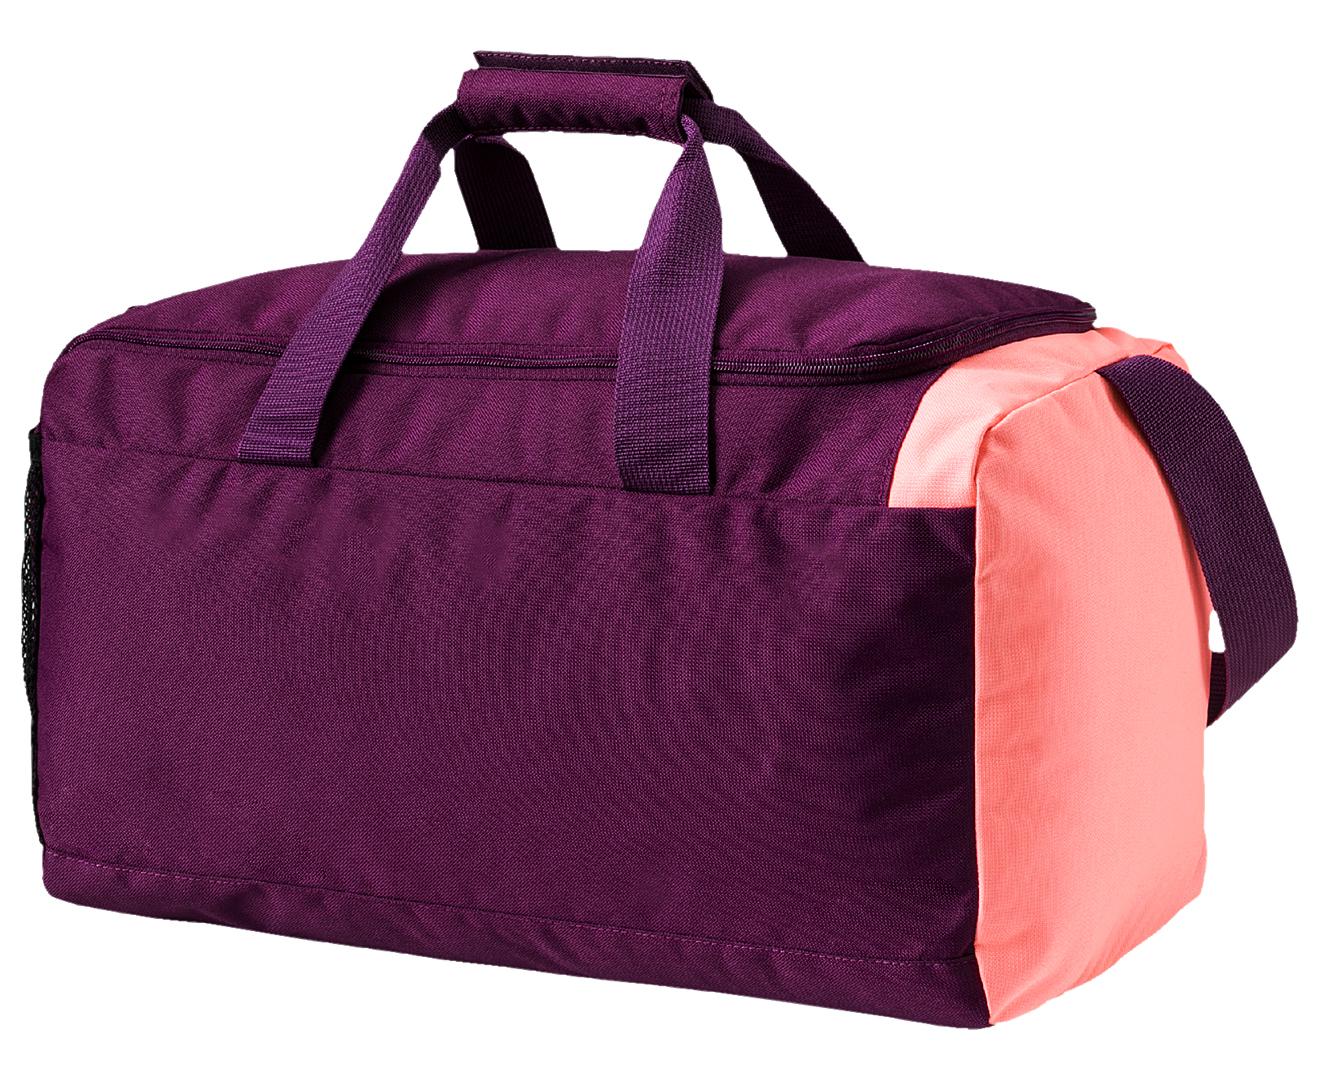 Puma Fundamentals Sports Bag Small - Dark Purple  6819ed4a82117